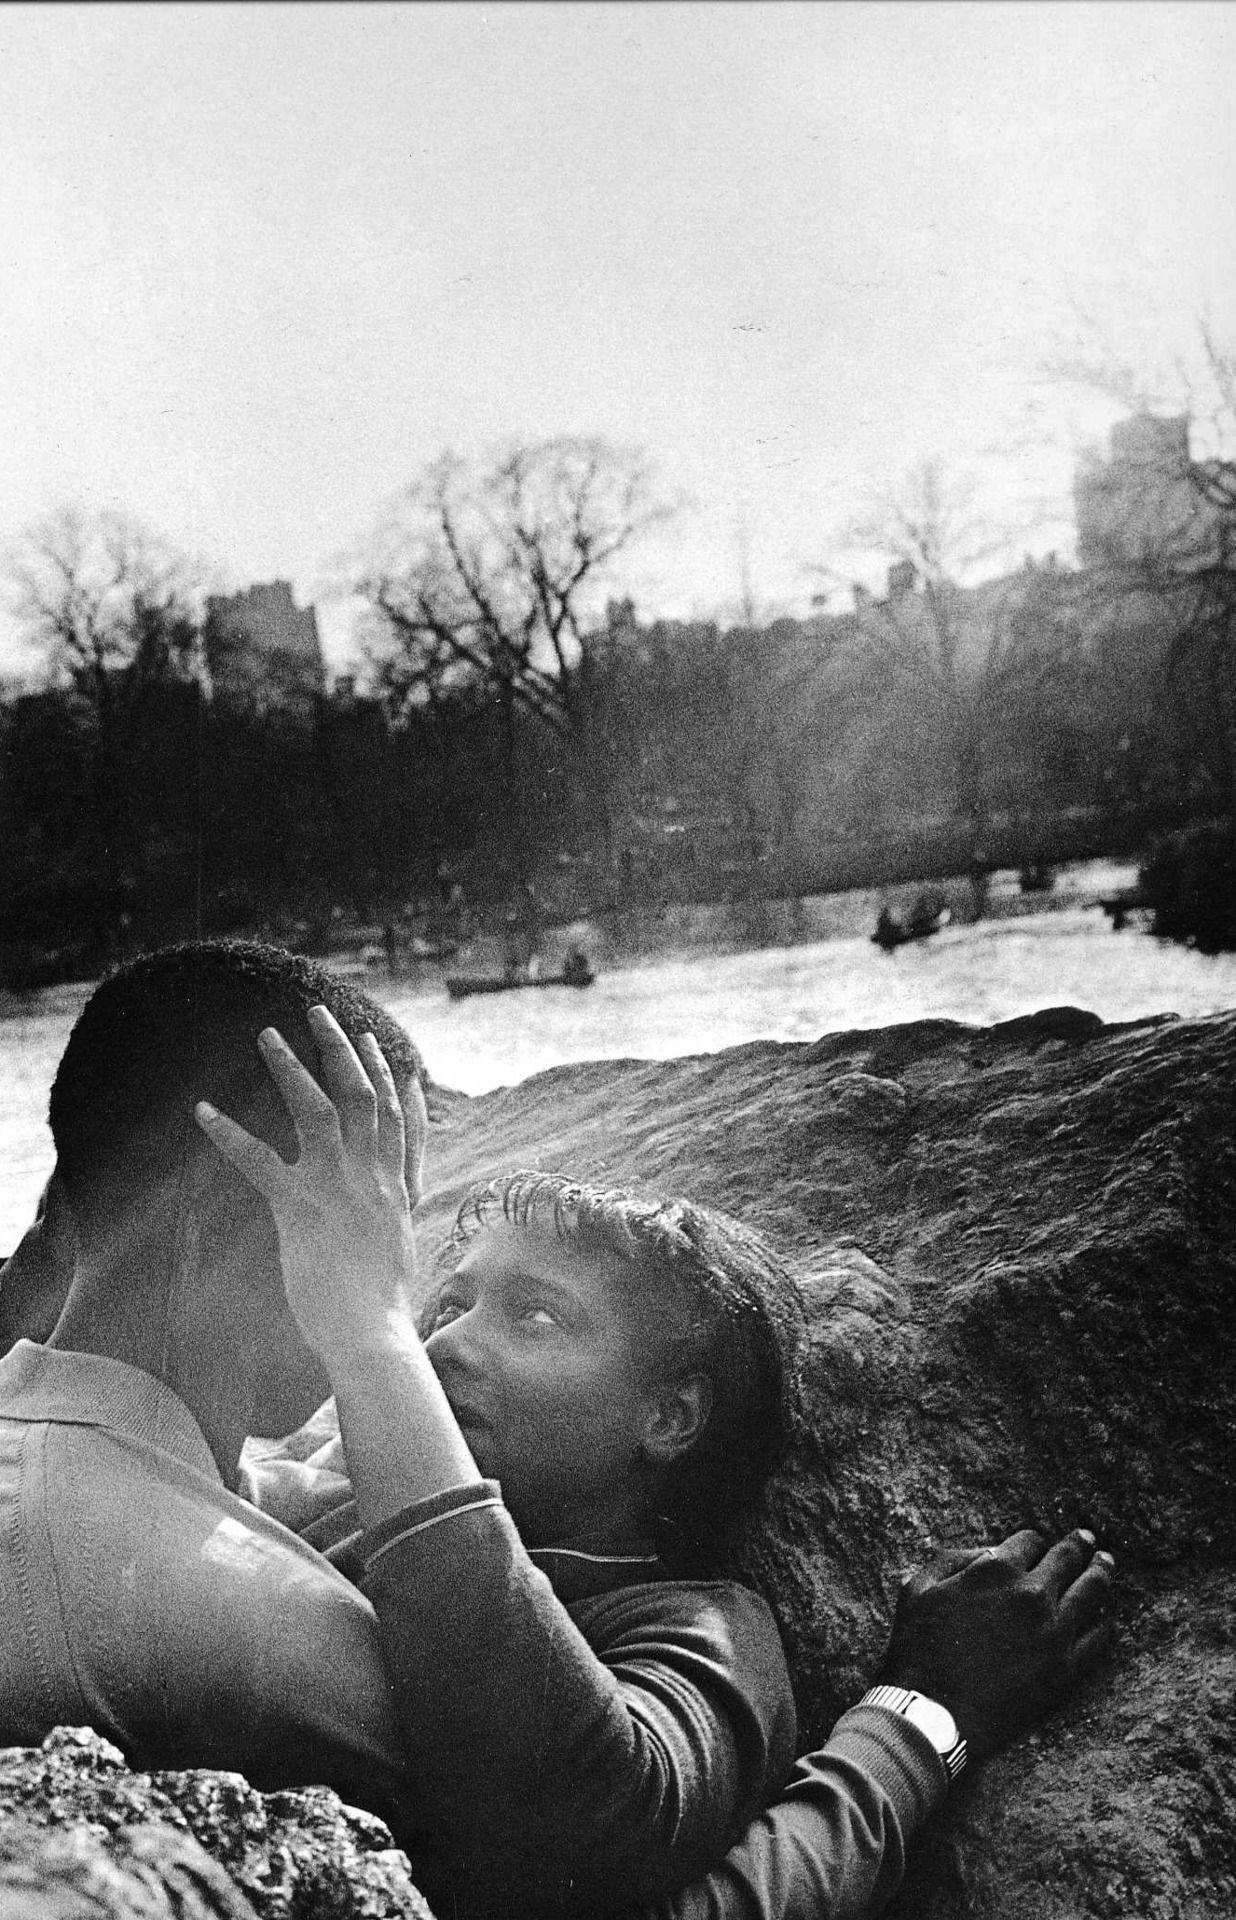 Ralph Gibson, New York, 1967-70